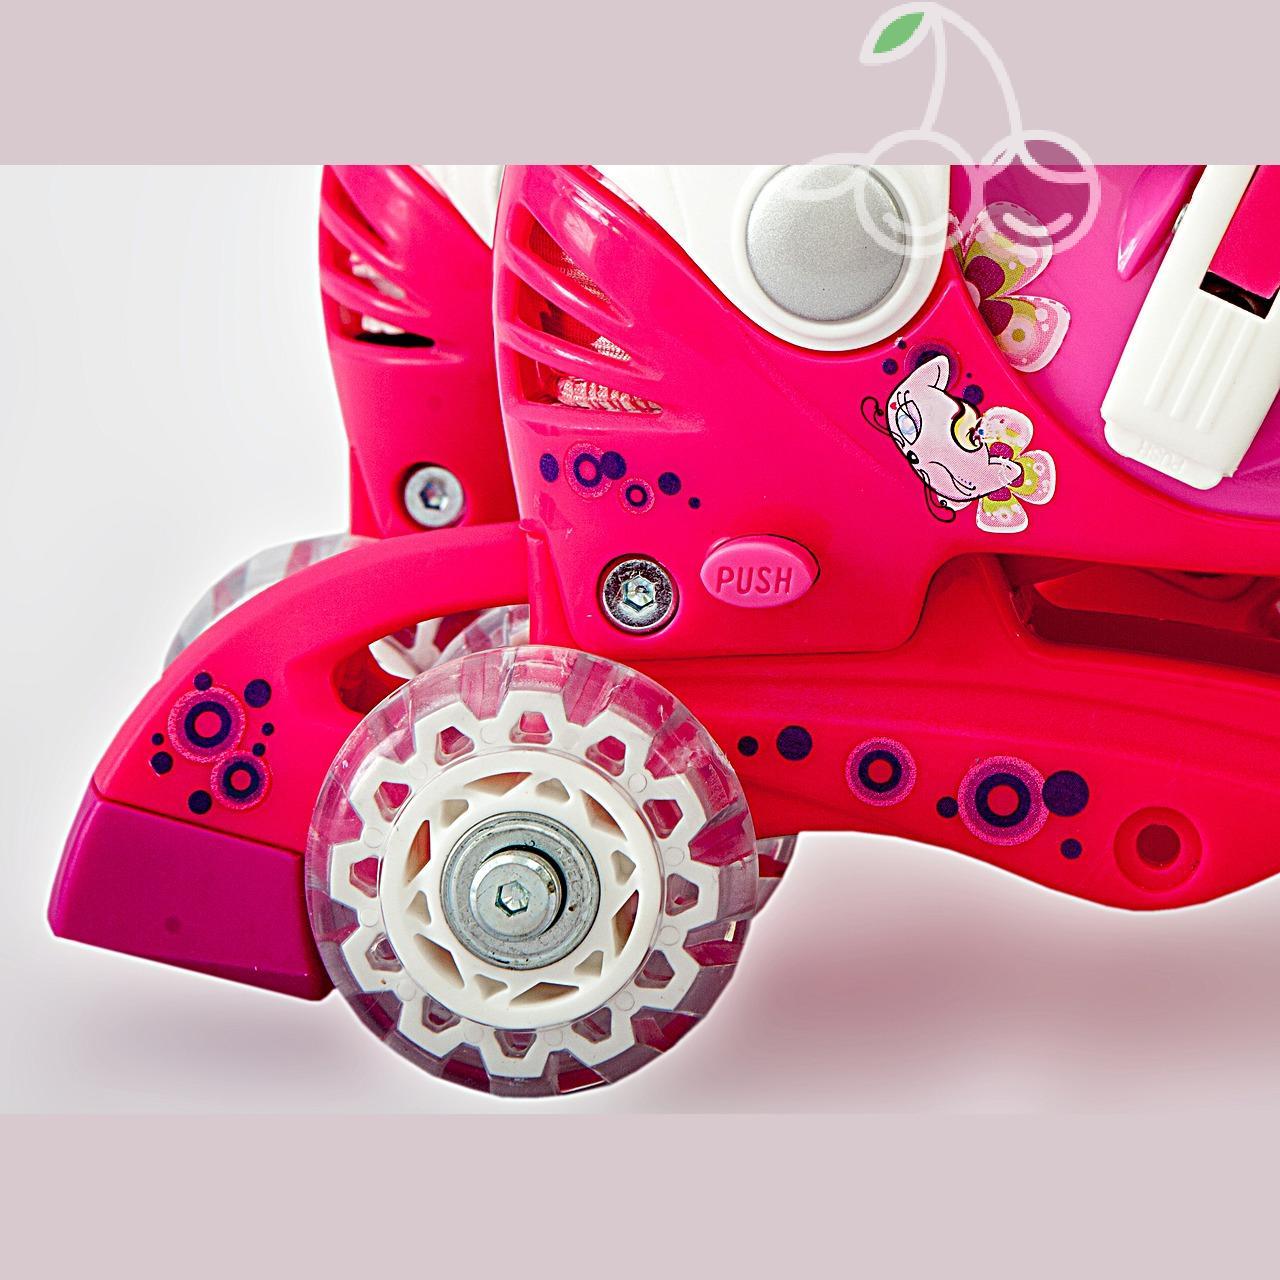 Роликовые коньки детские 27 размер, для обучения (трансформеры, раздвижной ботинок) MagicWheels розовые, - фото 4